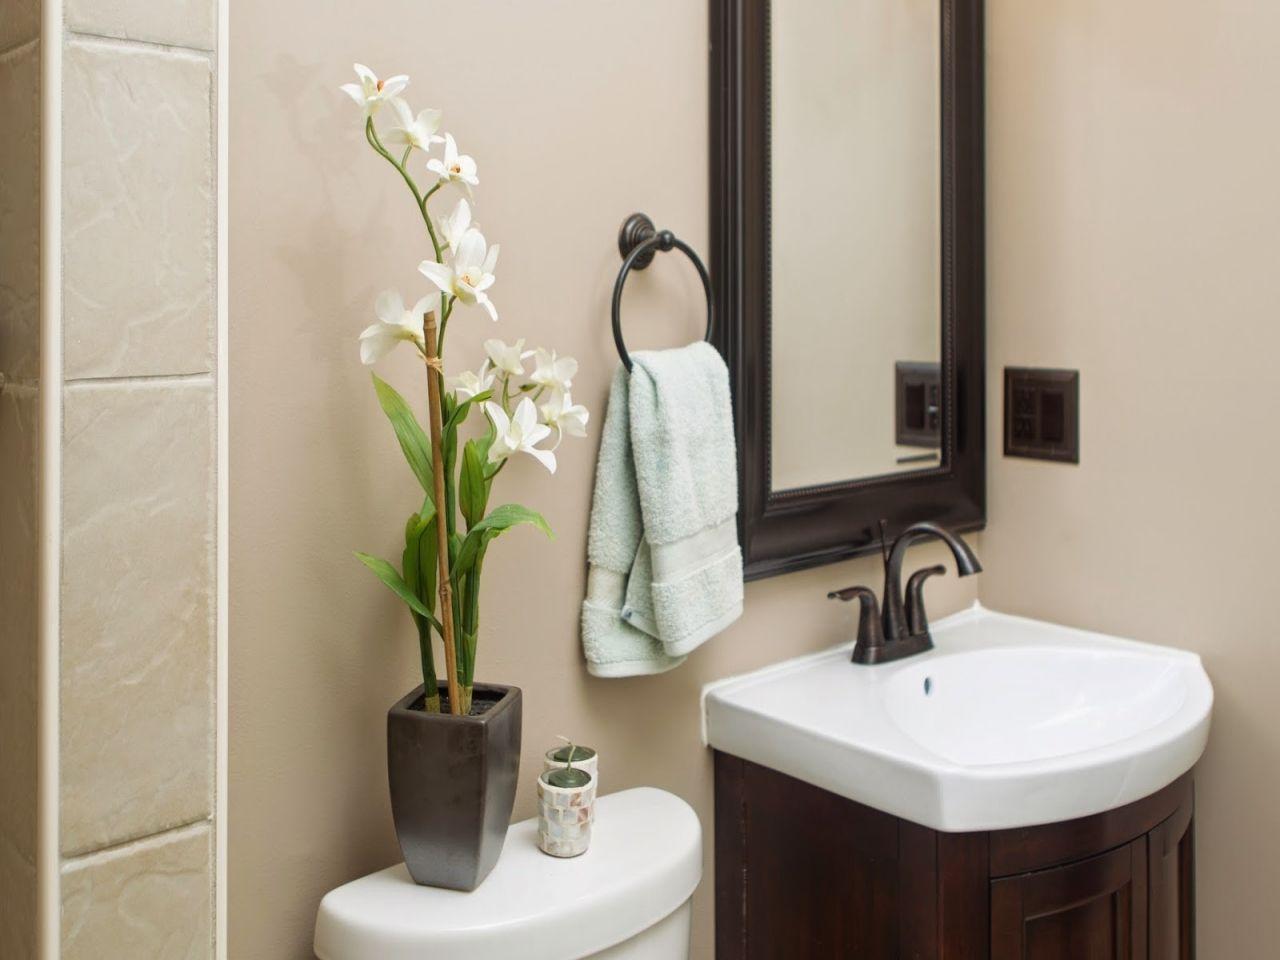 Sehr Elegante Kleine Badezimmer Deko Ideen | Mehr Auf Unserer Website |  Sehr Kleine Badezimmer Deko